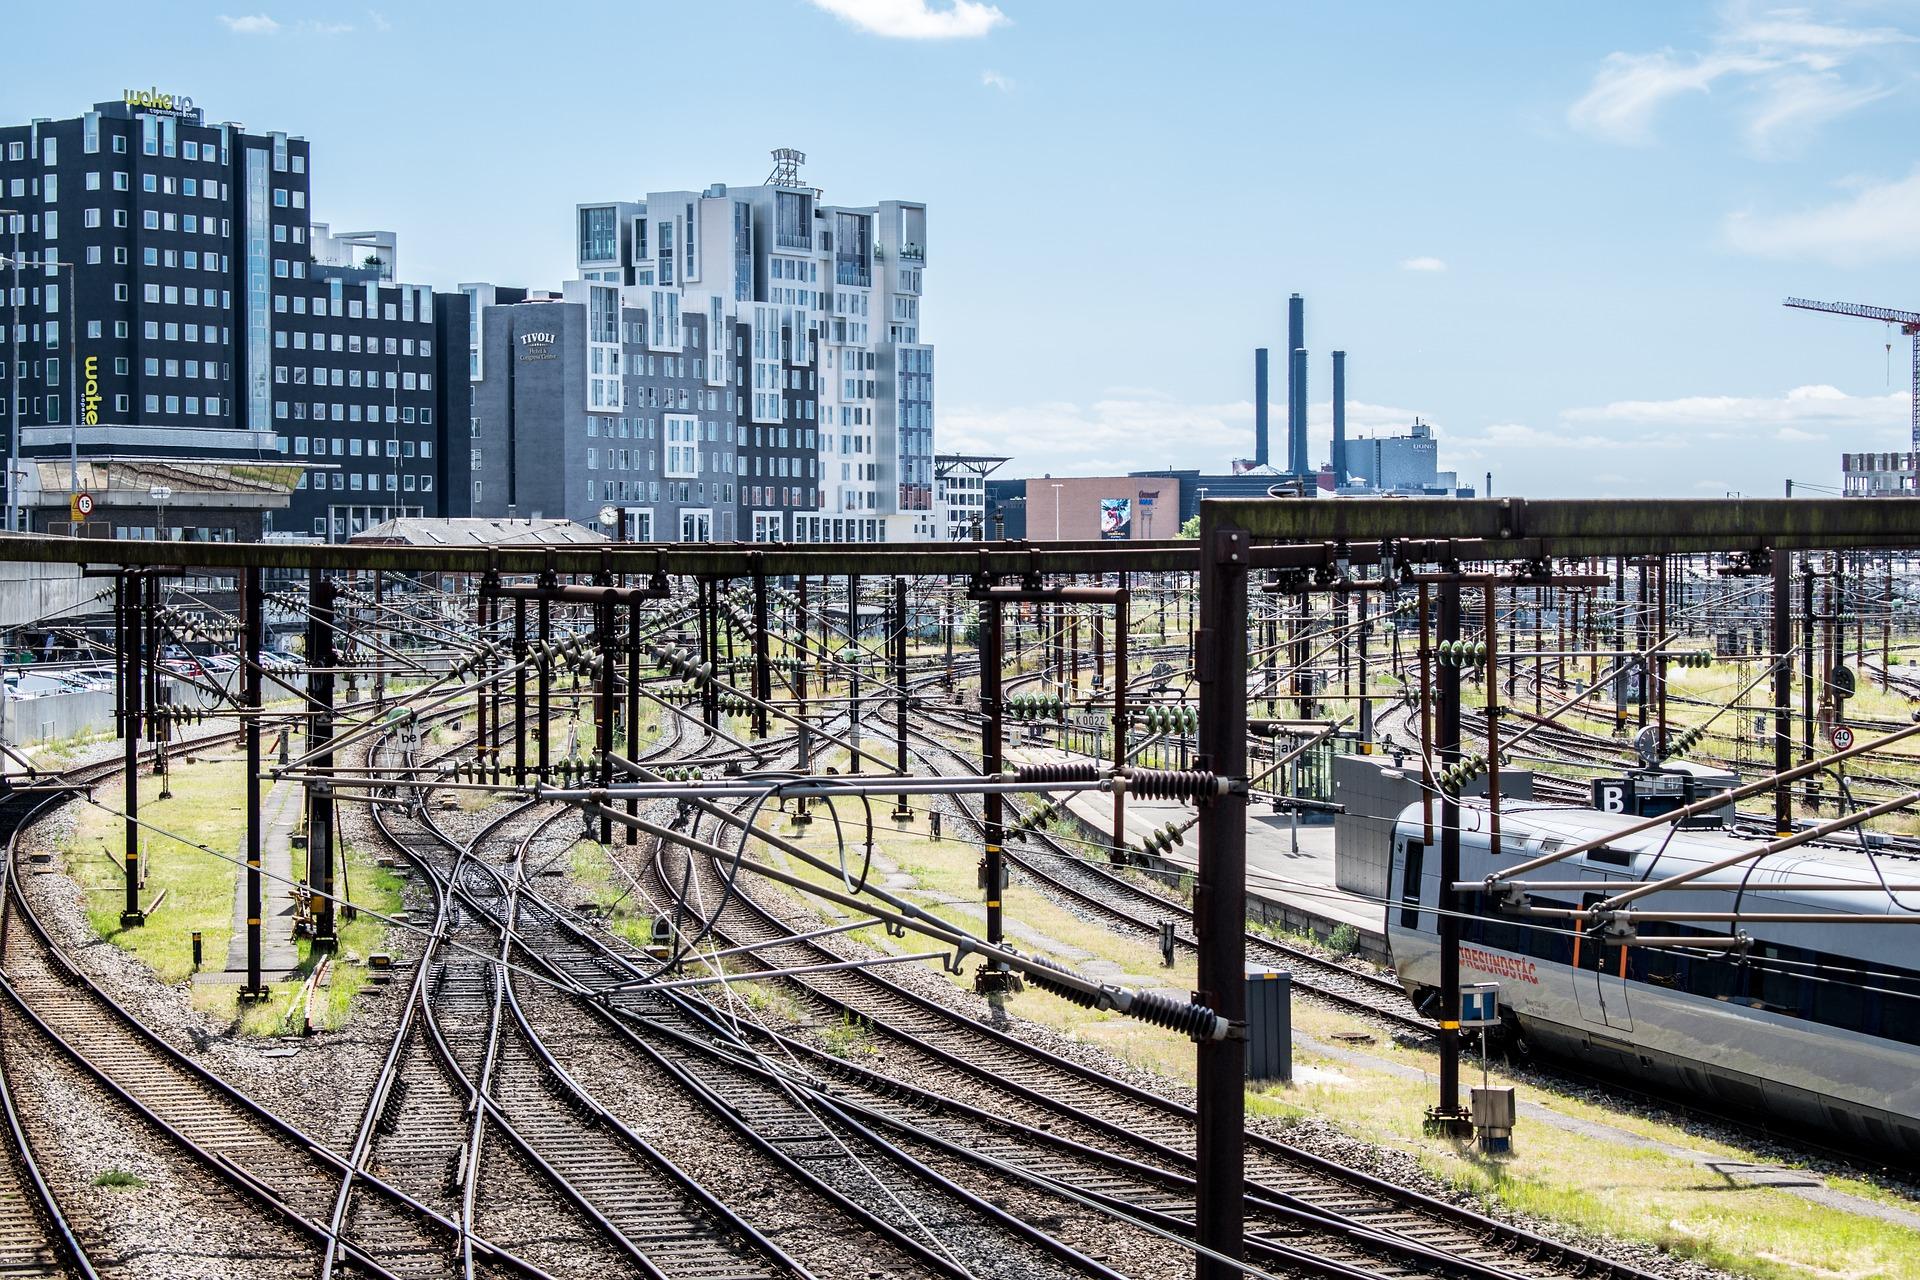 Railway in Copenhagen, Denmark